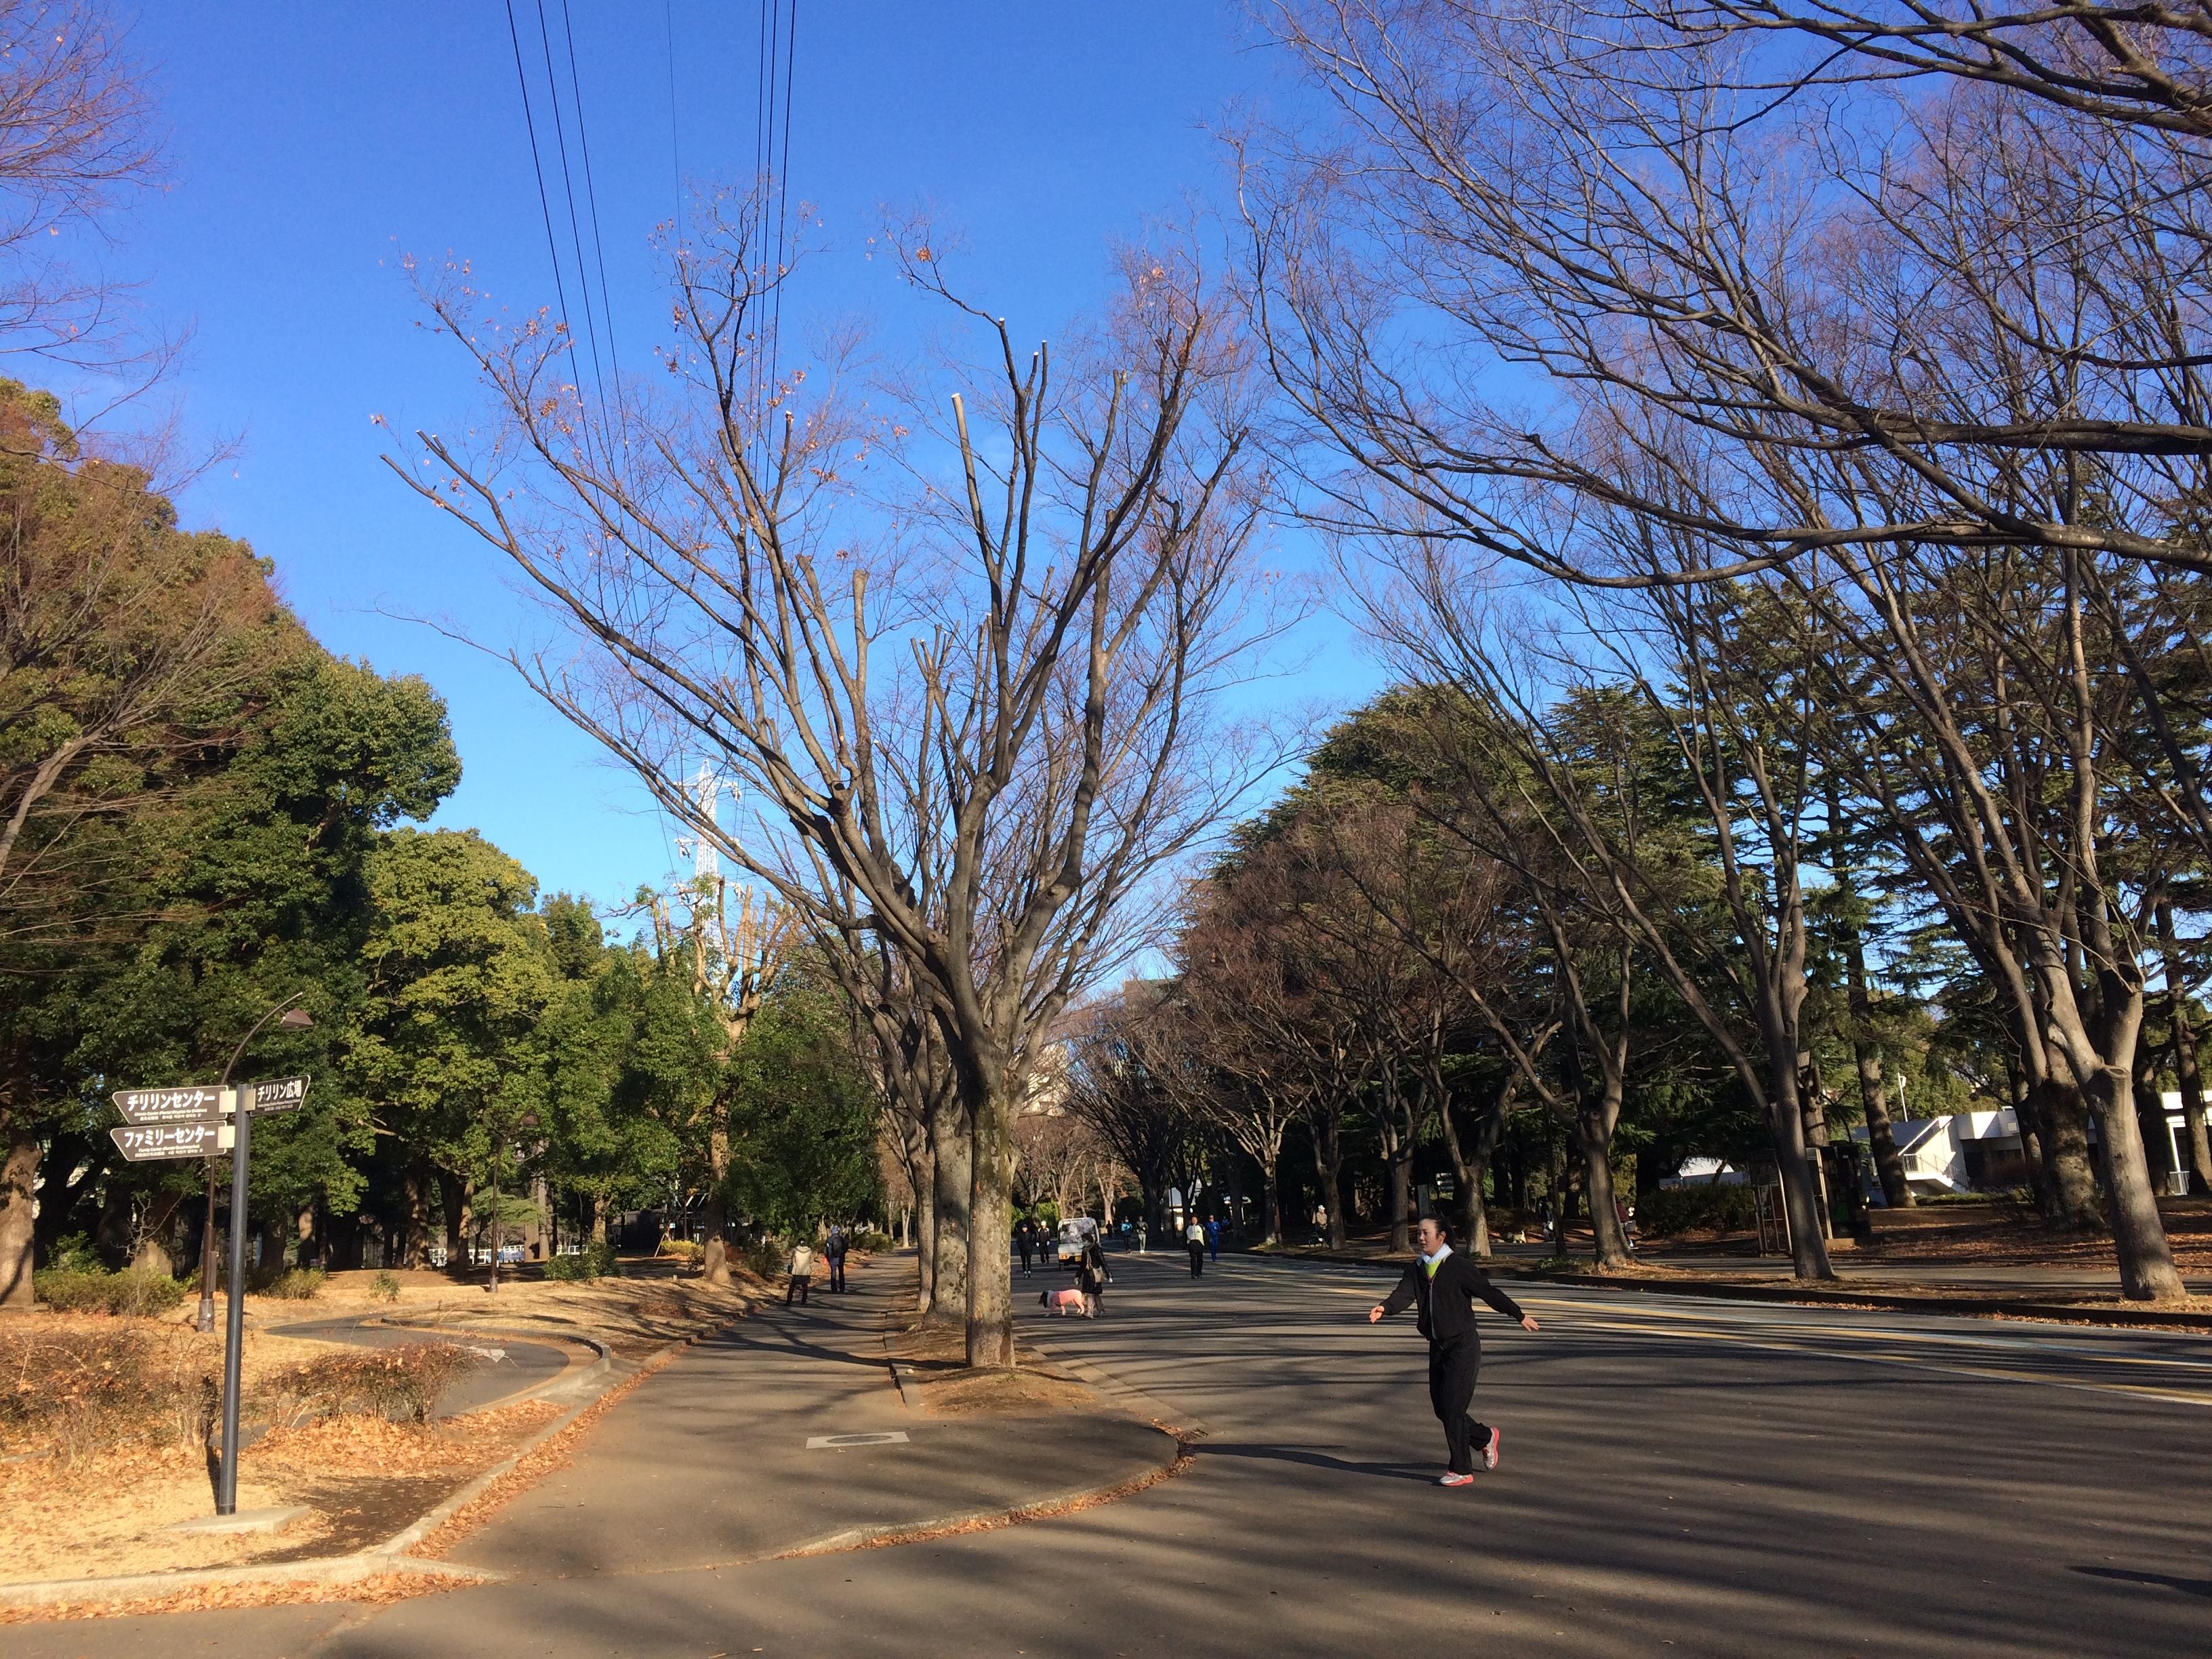 アラ還マラソン練習日記 年末怒濤の6時間走!!!@駒沢公園